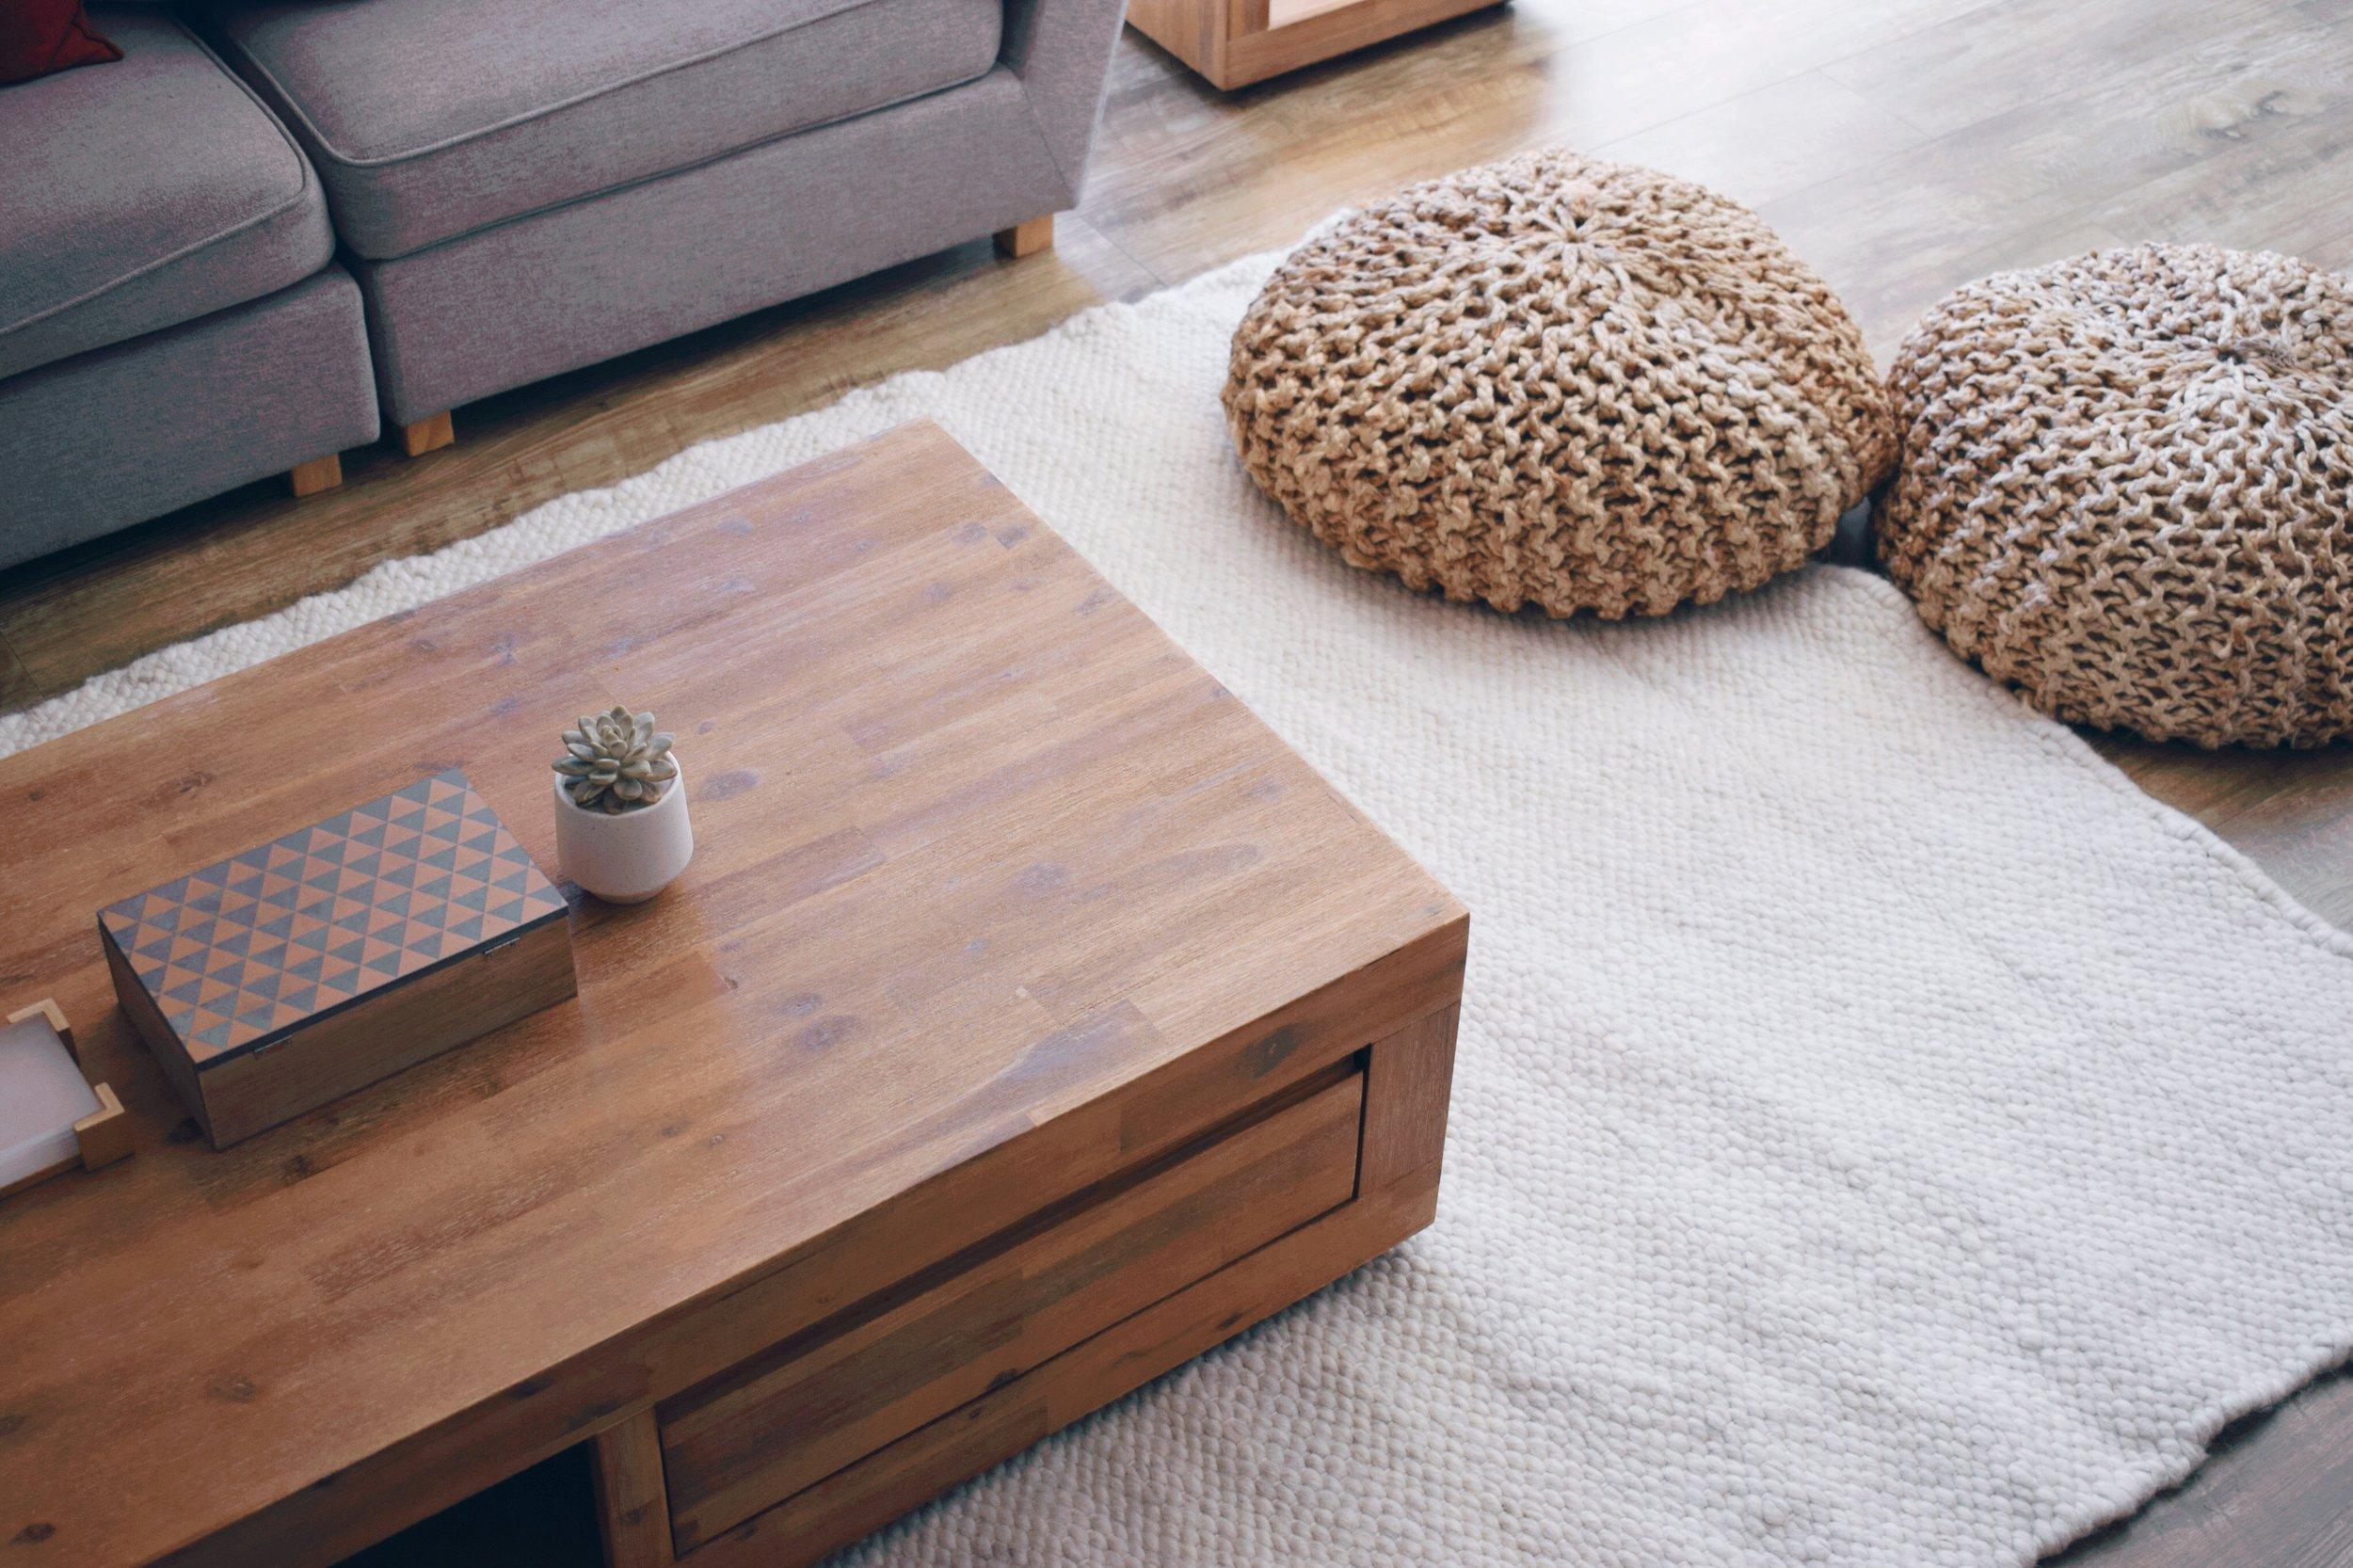 Karakul wool carpet, flat weave design in natural white